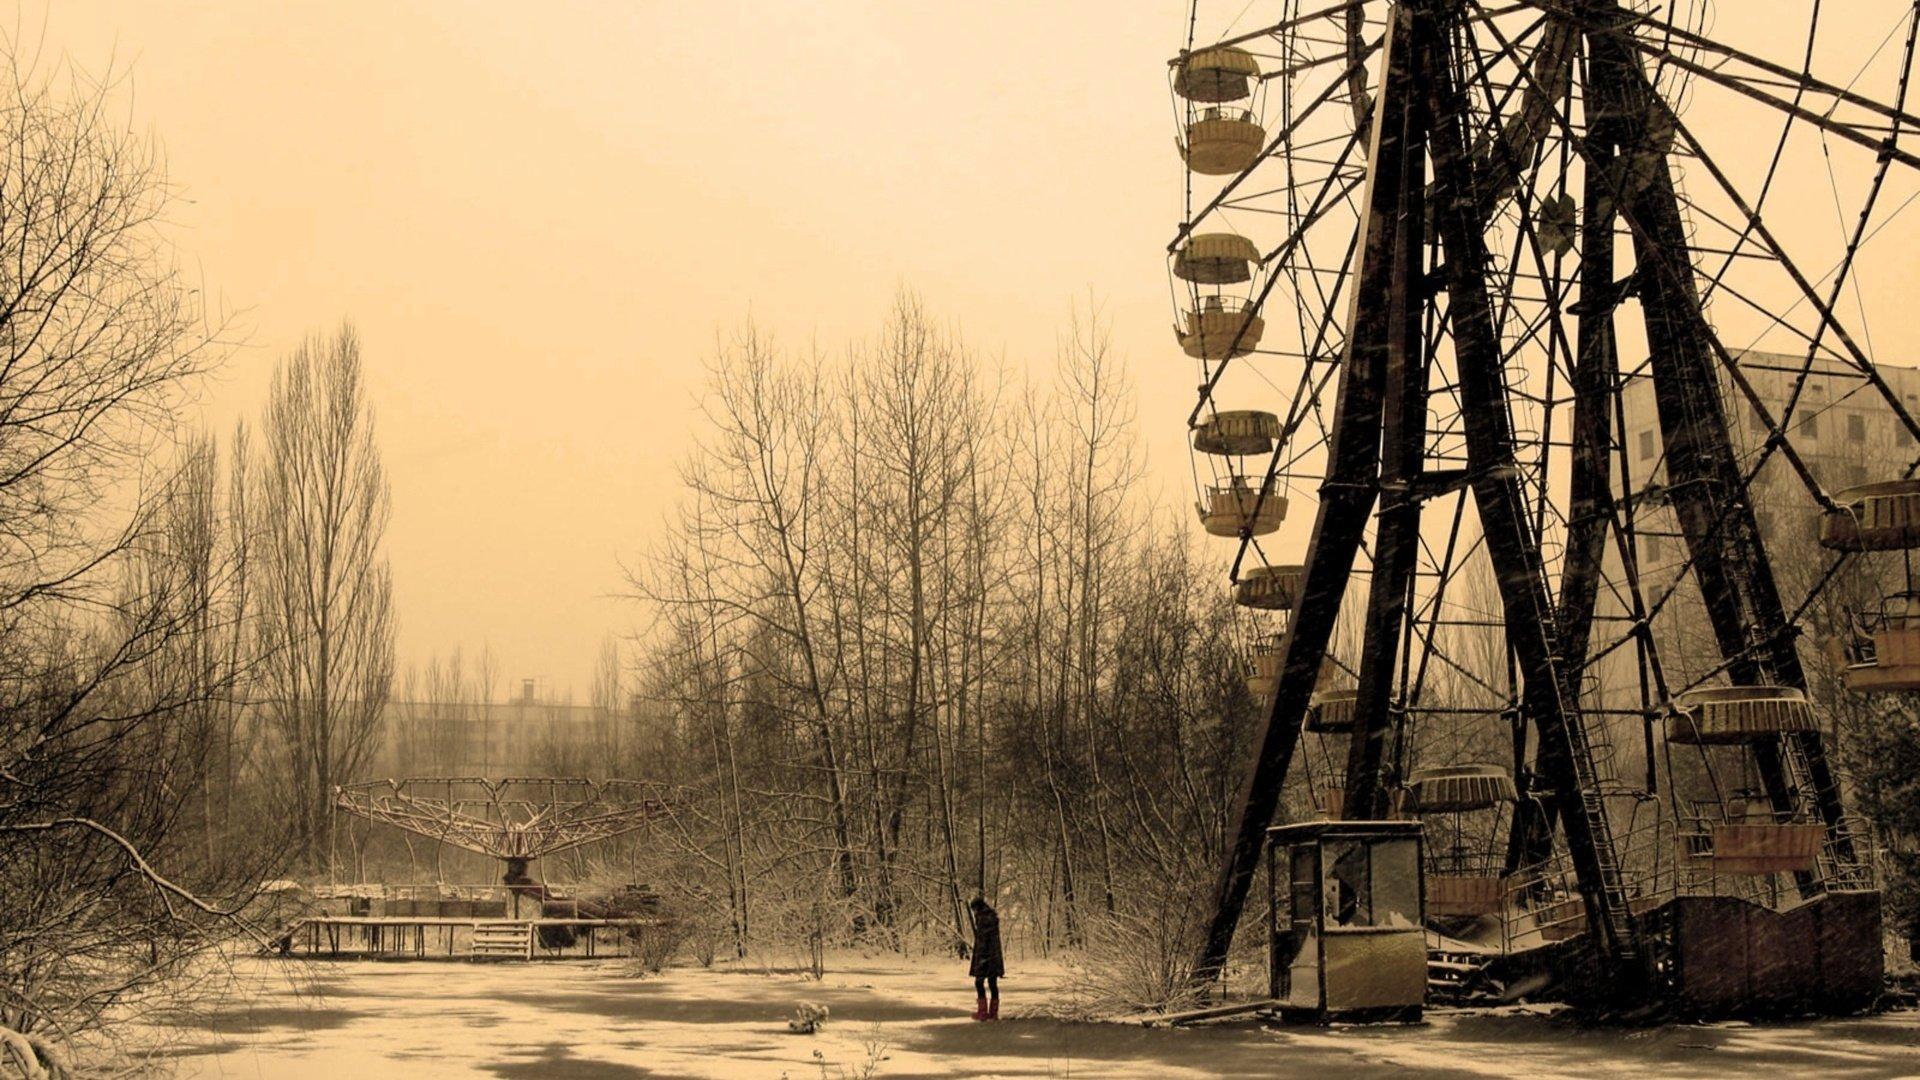 Апокалипсис сегодня - Изображение 15